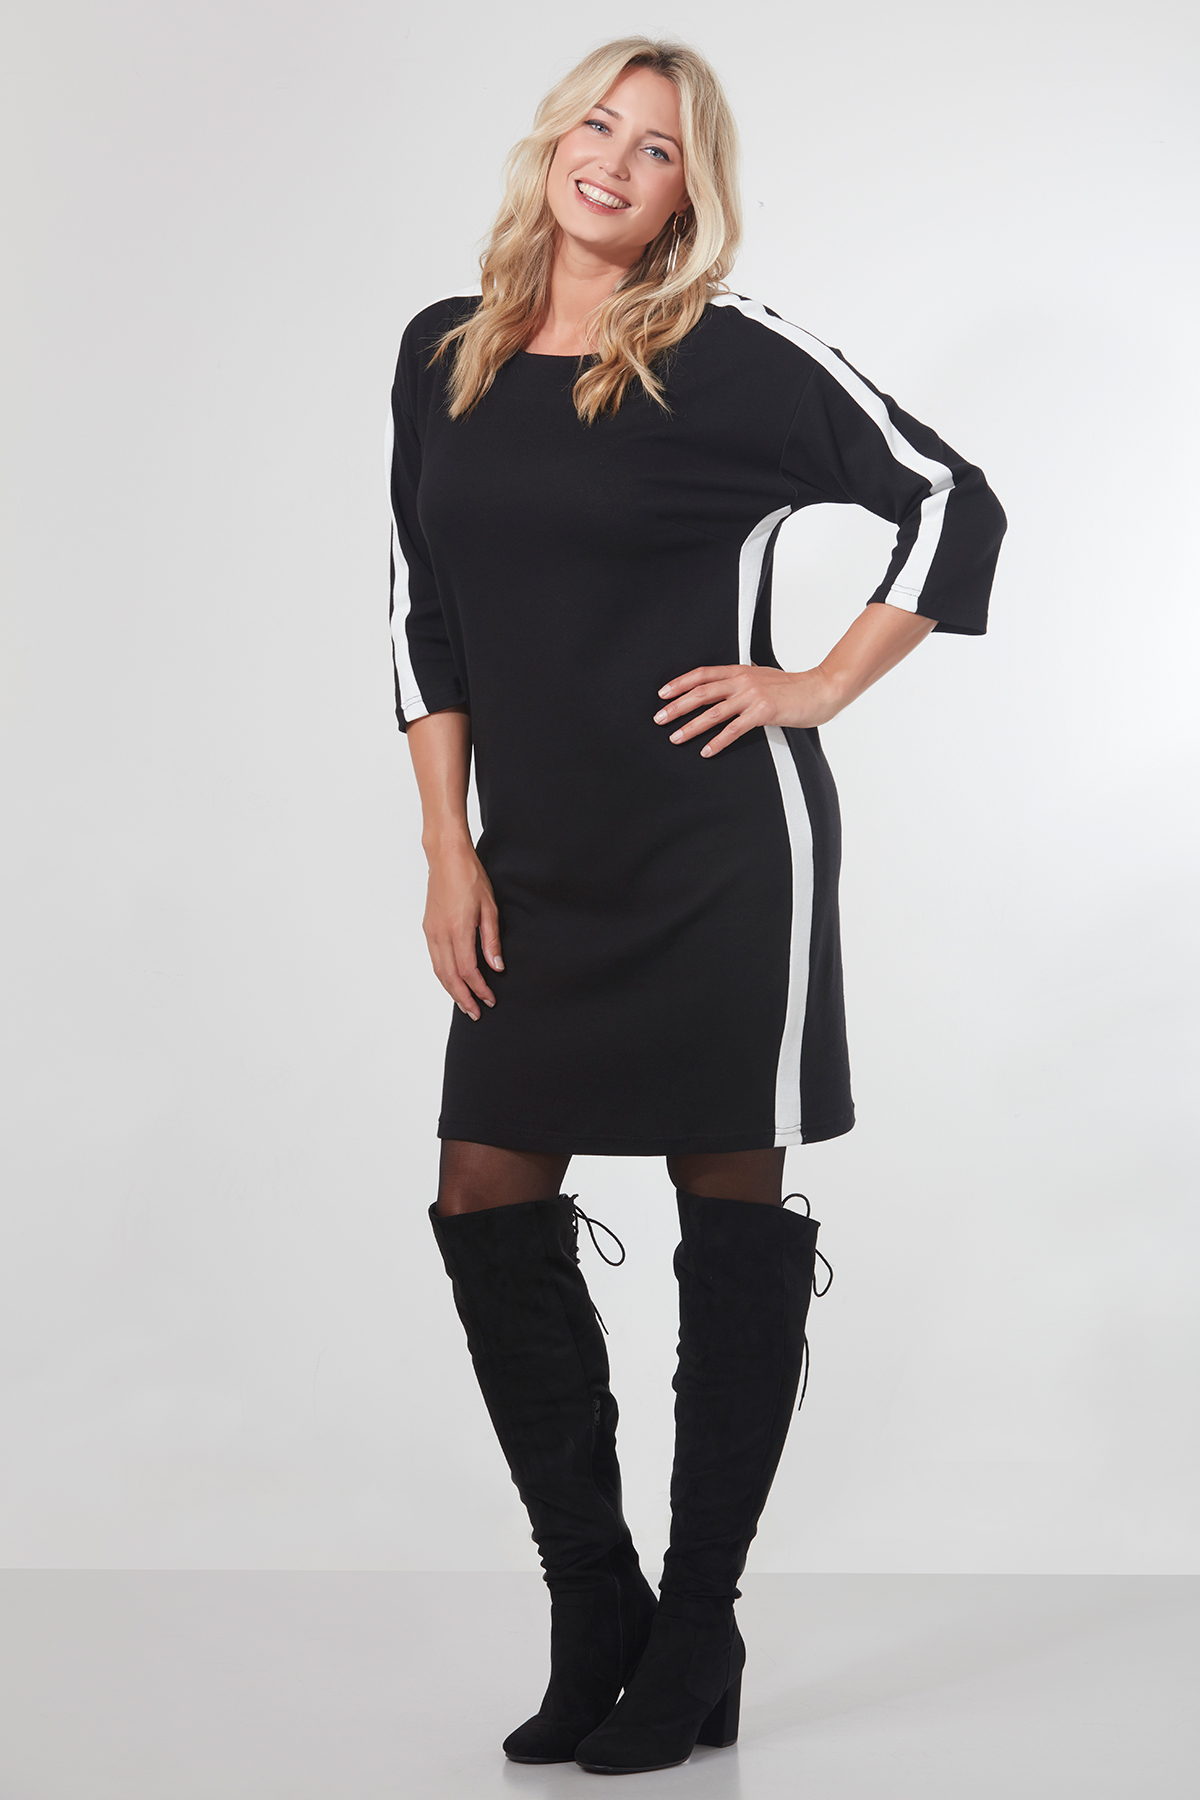 zwarte jurk met witte streep